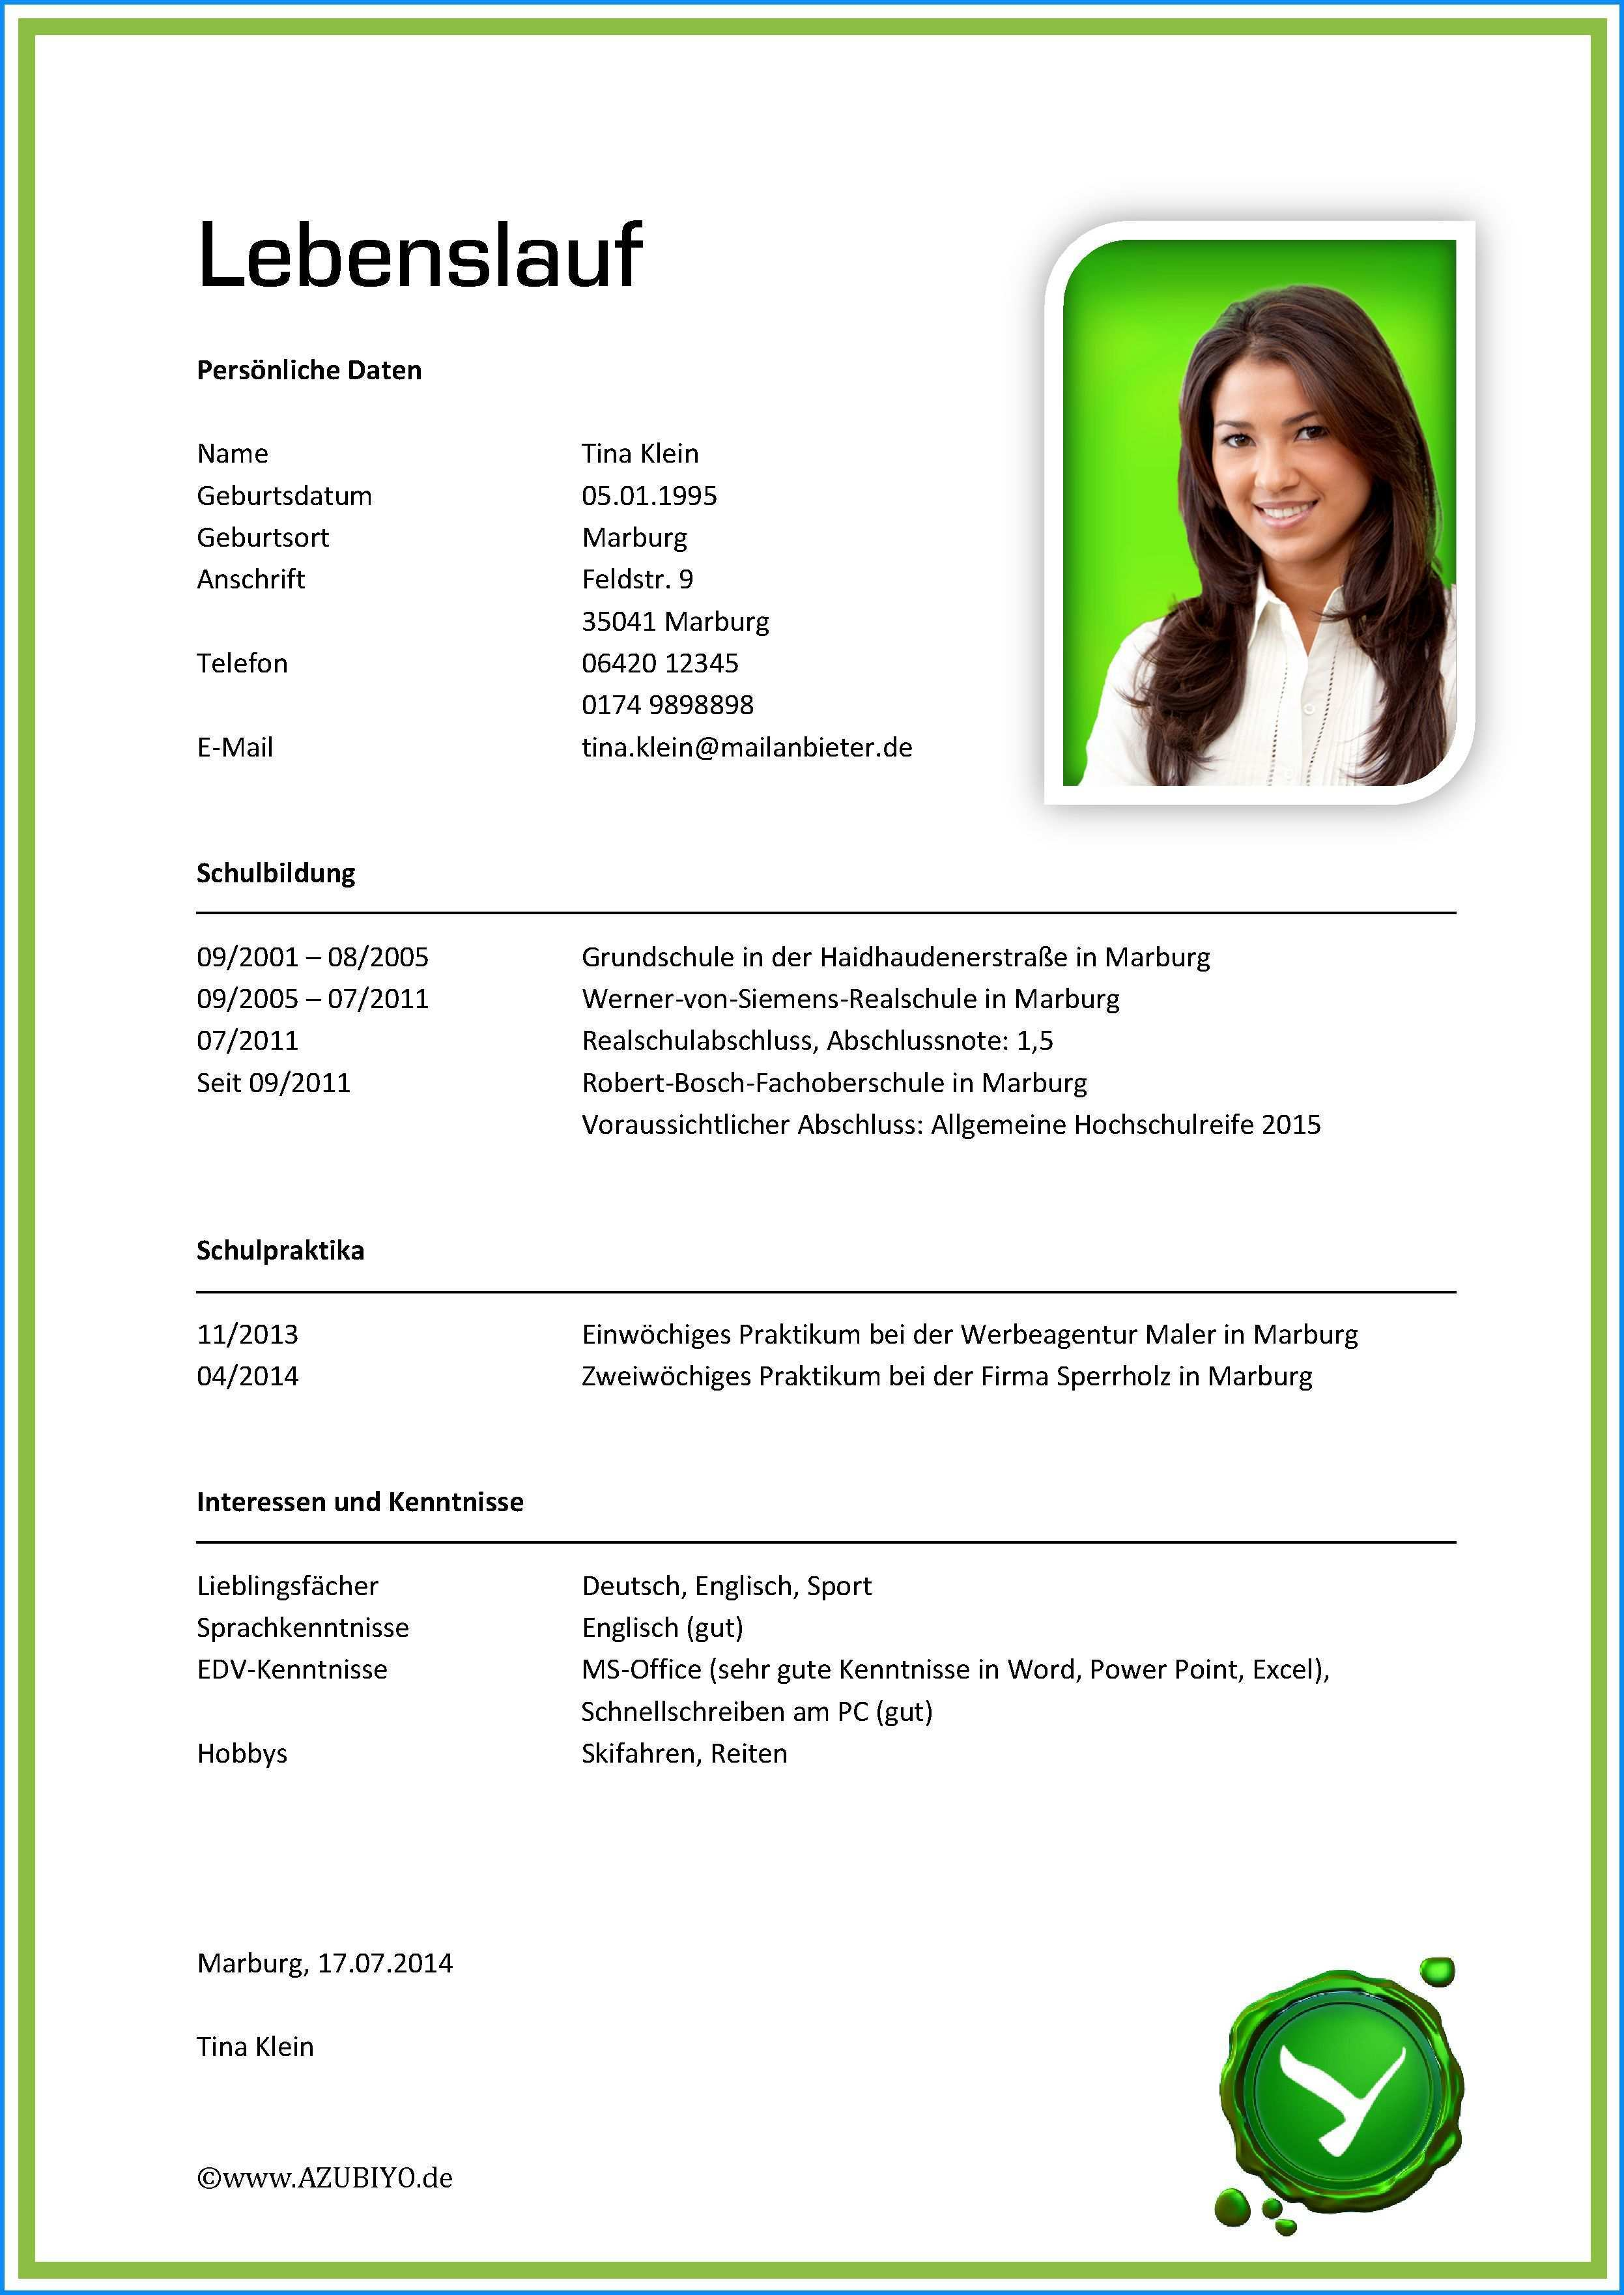 14 Erstaunlich Lebenslauf Vorlage Word Schuler Bilder Bio Data For Marriage Marriage Biodata Format Resume Format Download